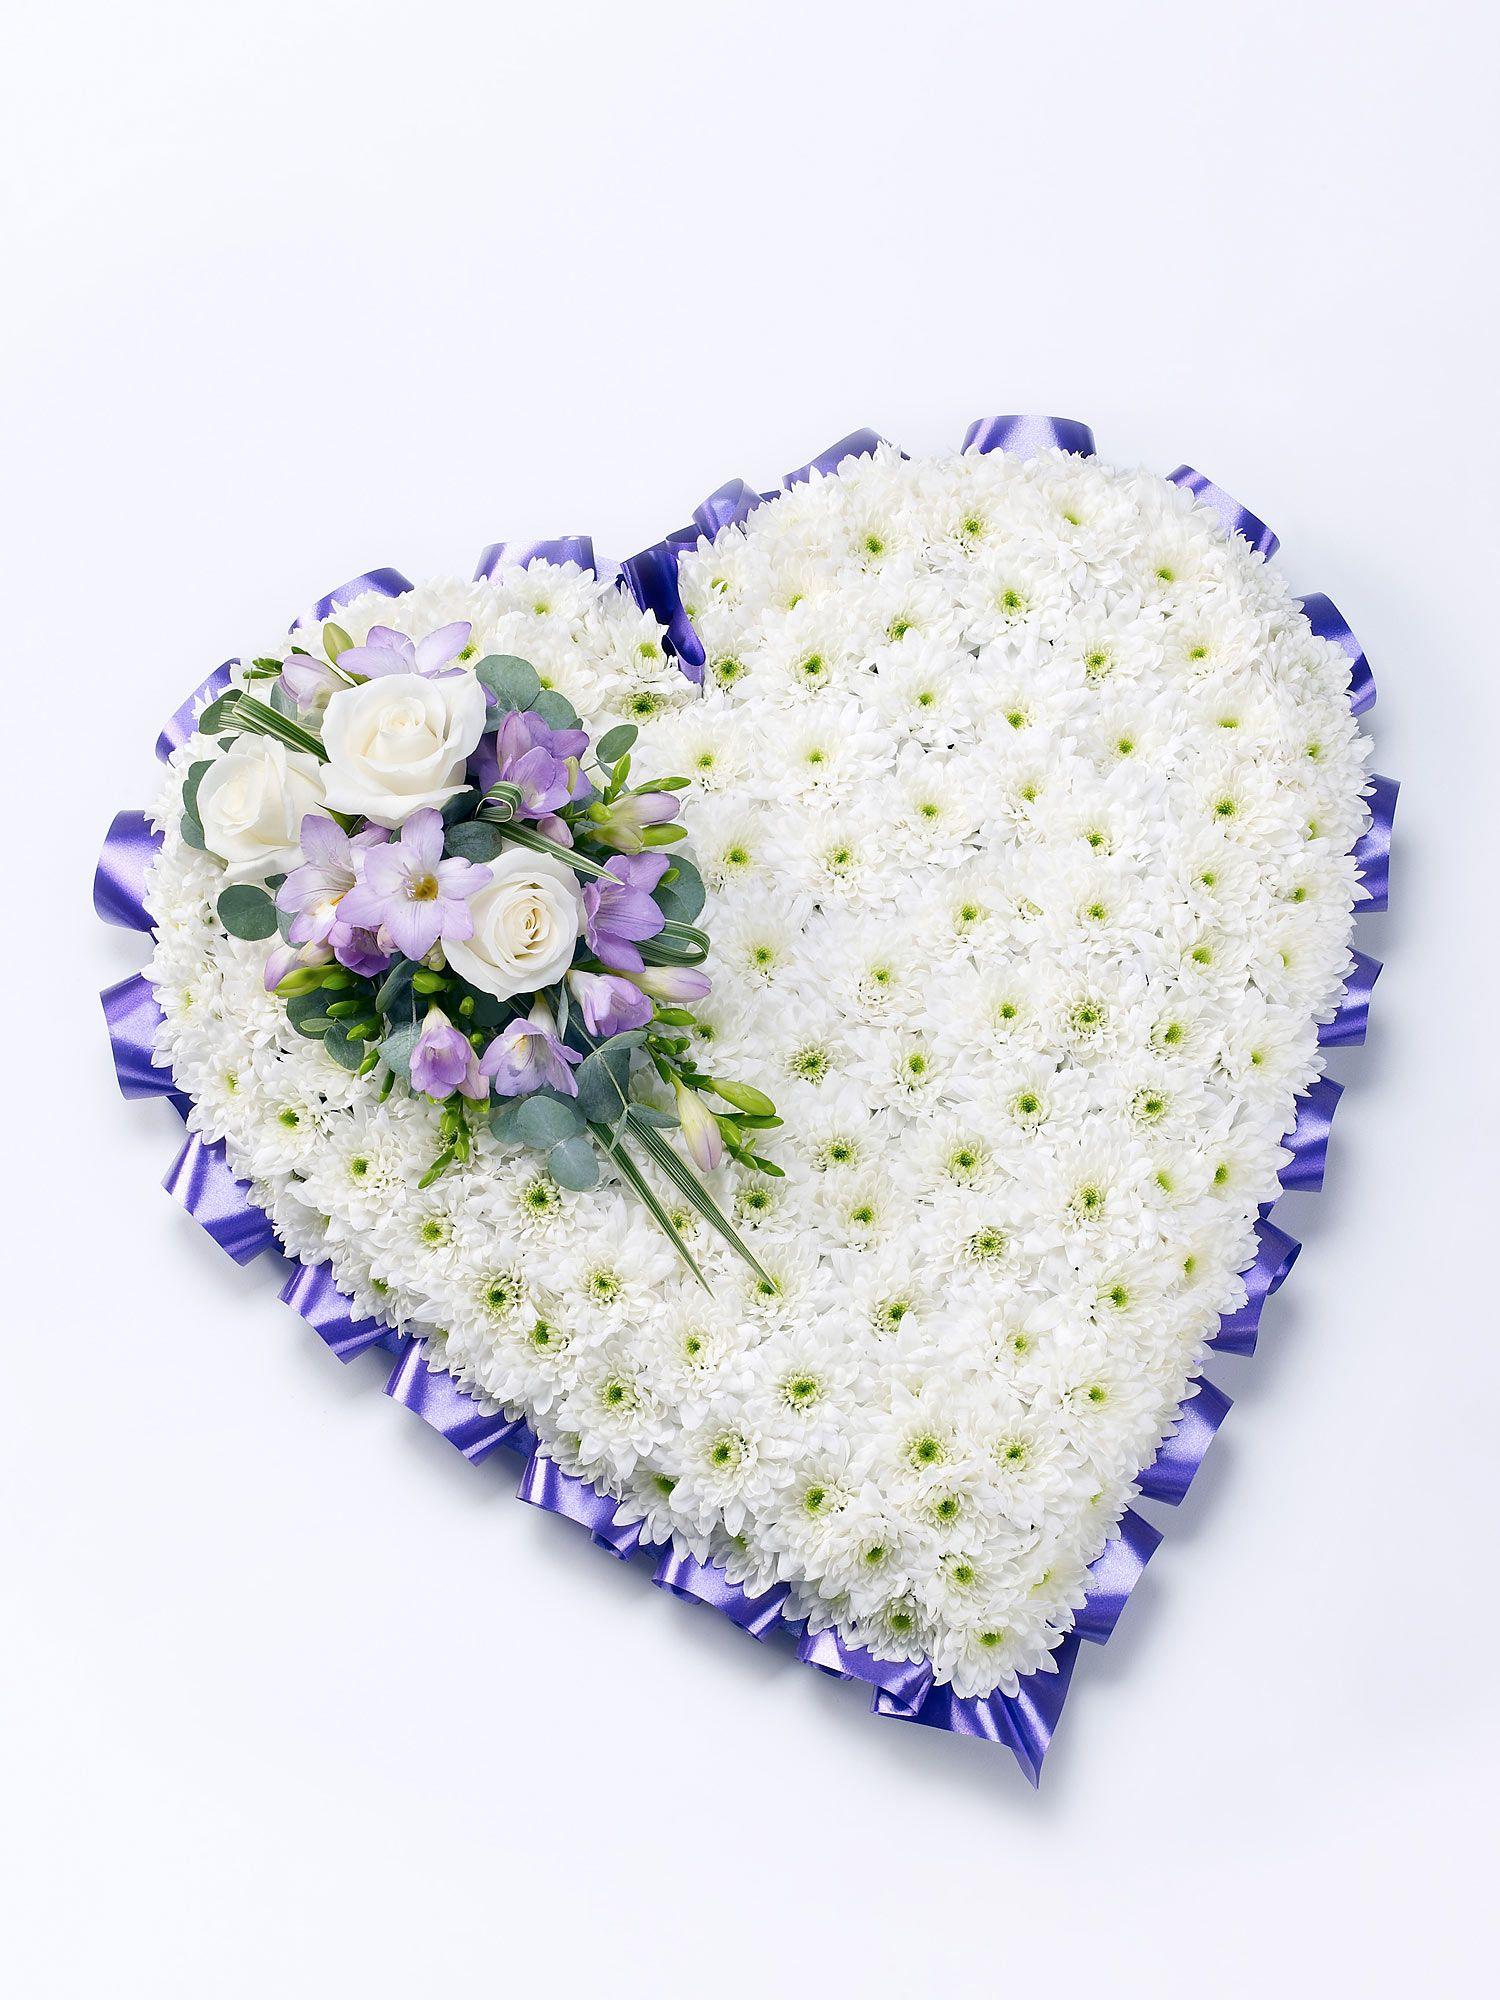 Classic Heart Flower Arrangement